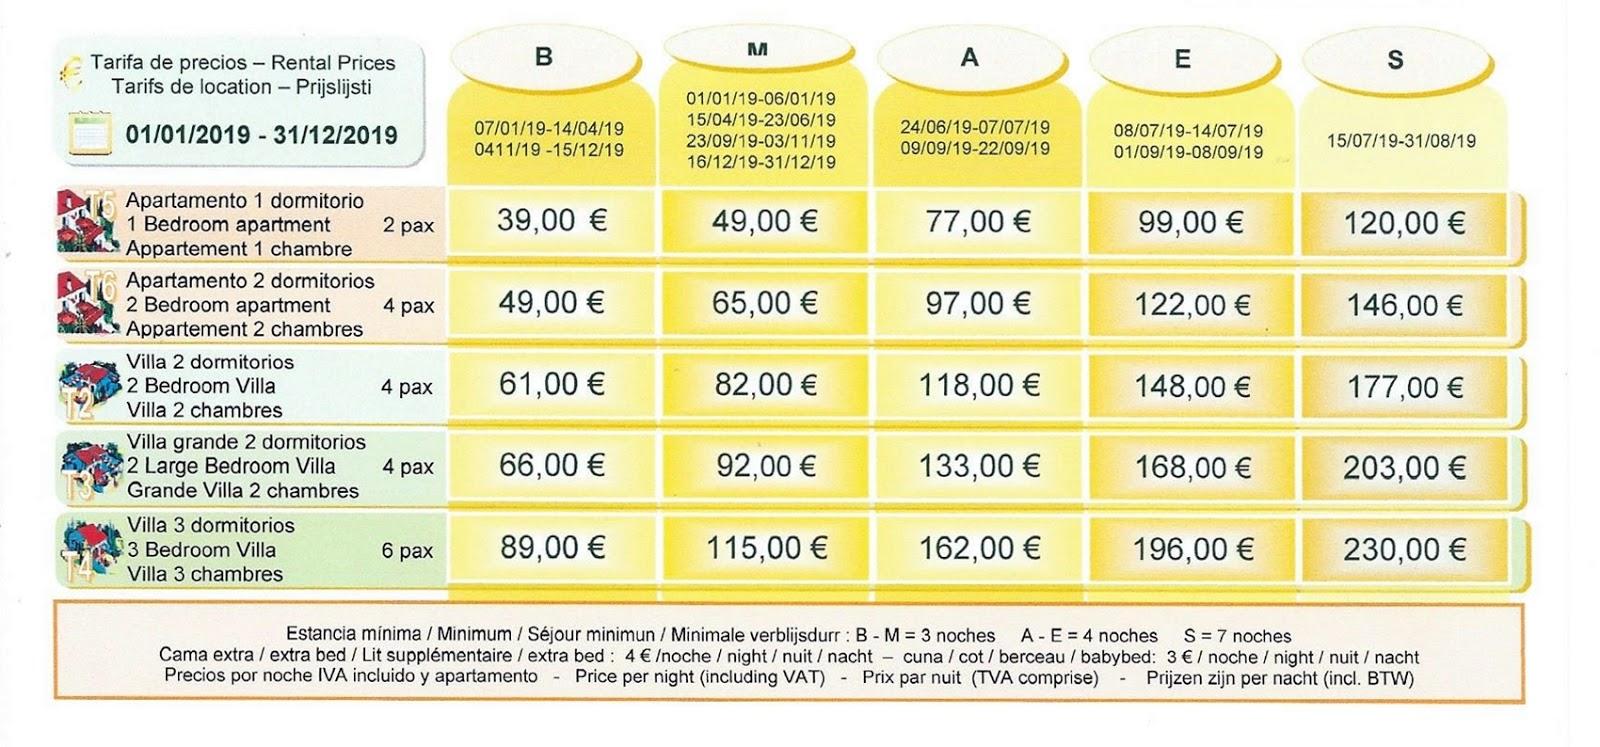 El Capistrano tarifa de precios 2019 - Nicosol, SL.